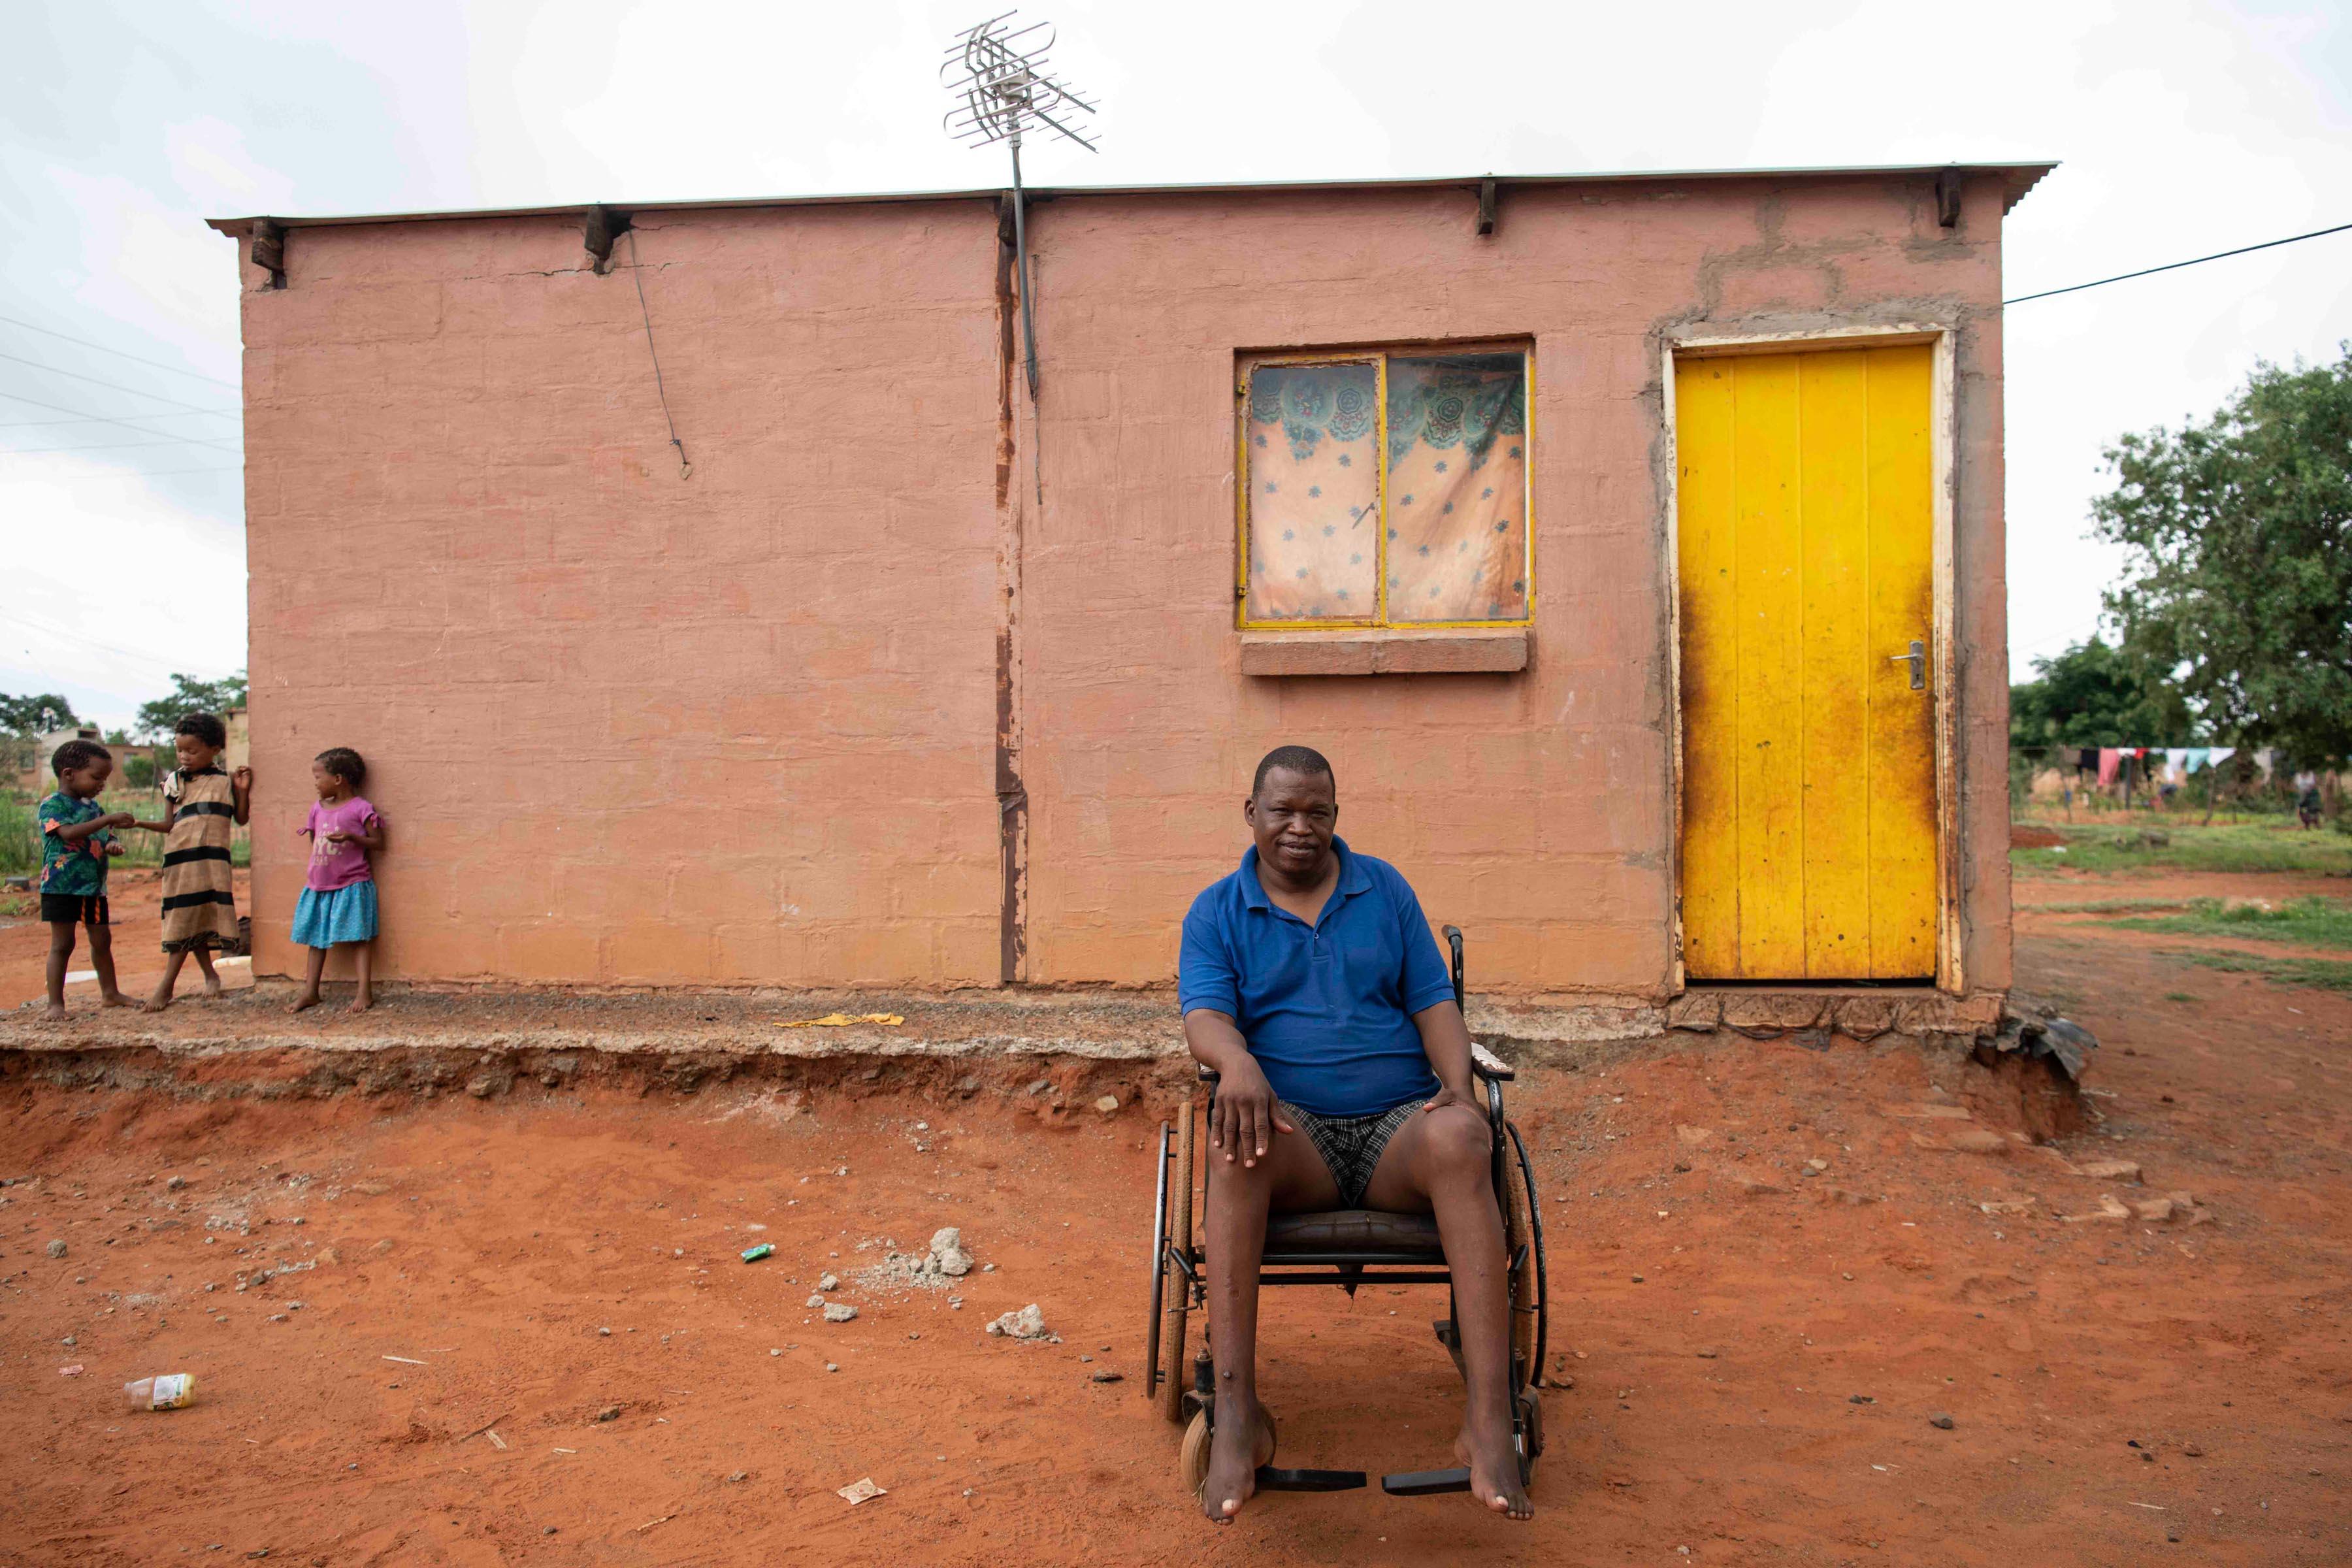 8 January 2020: Community leader Nepa Katombera outside his house. He said the Khoi-San feel invisible.